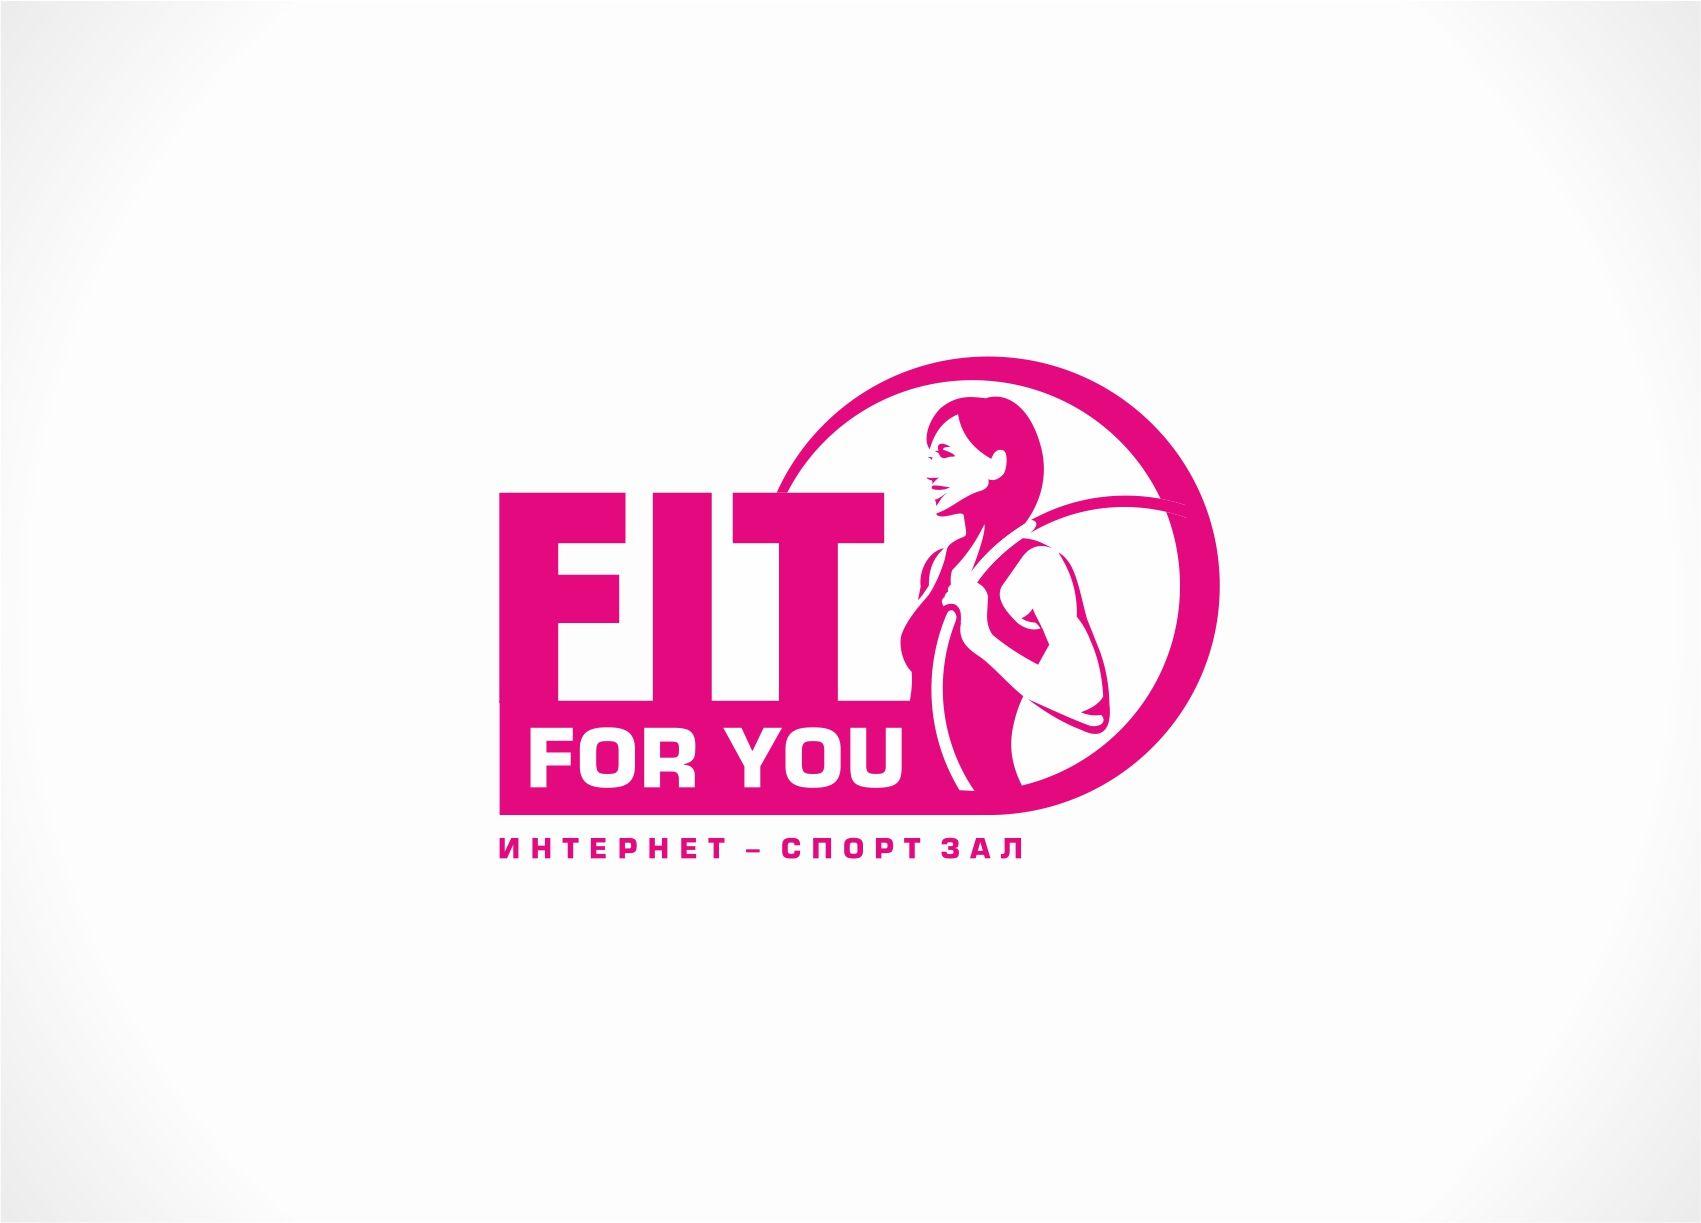 Логотип для интернет-спортзала - дизайнер designer79